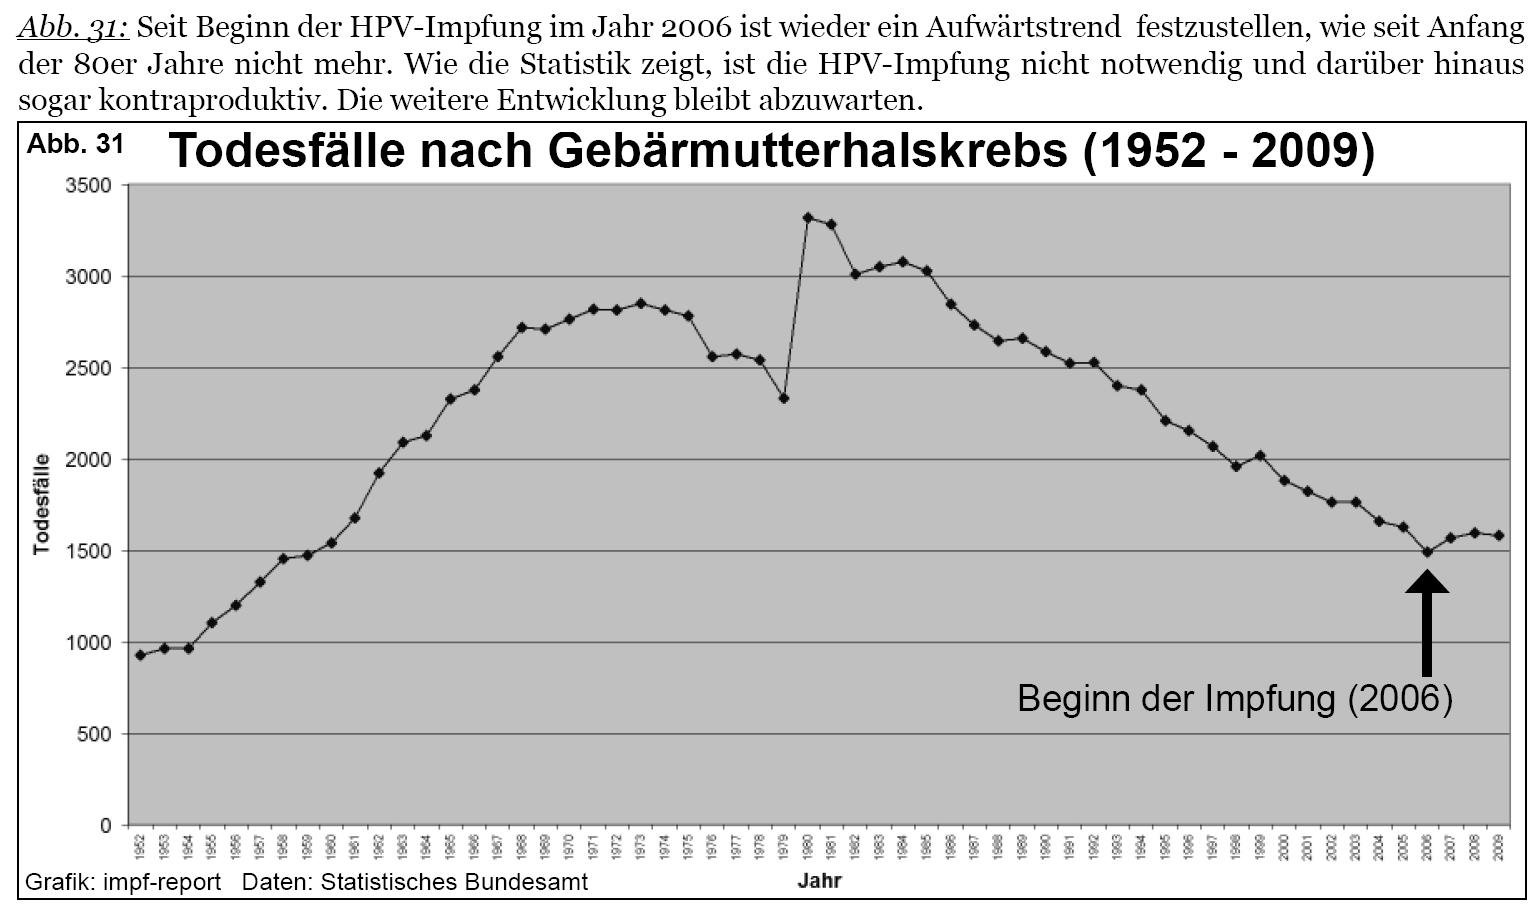 hpv impfung pei Ulan Ude megszünteti a papillómát